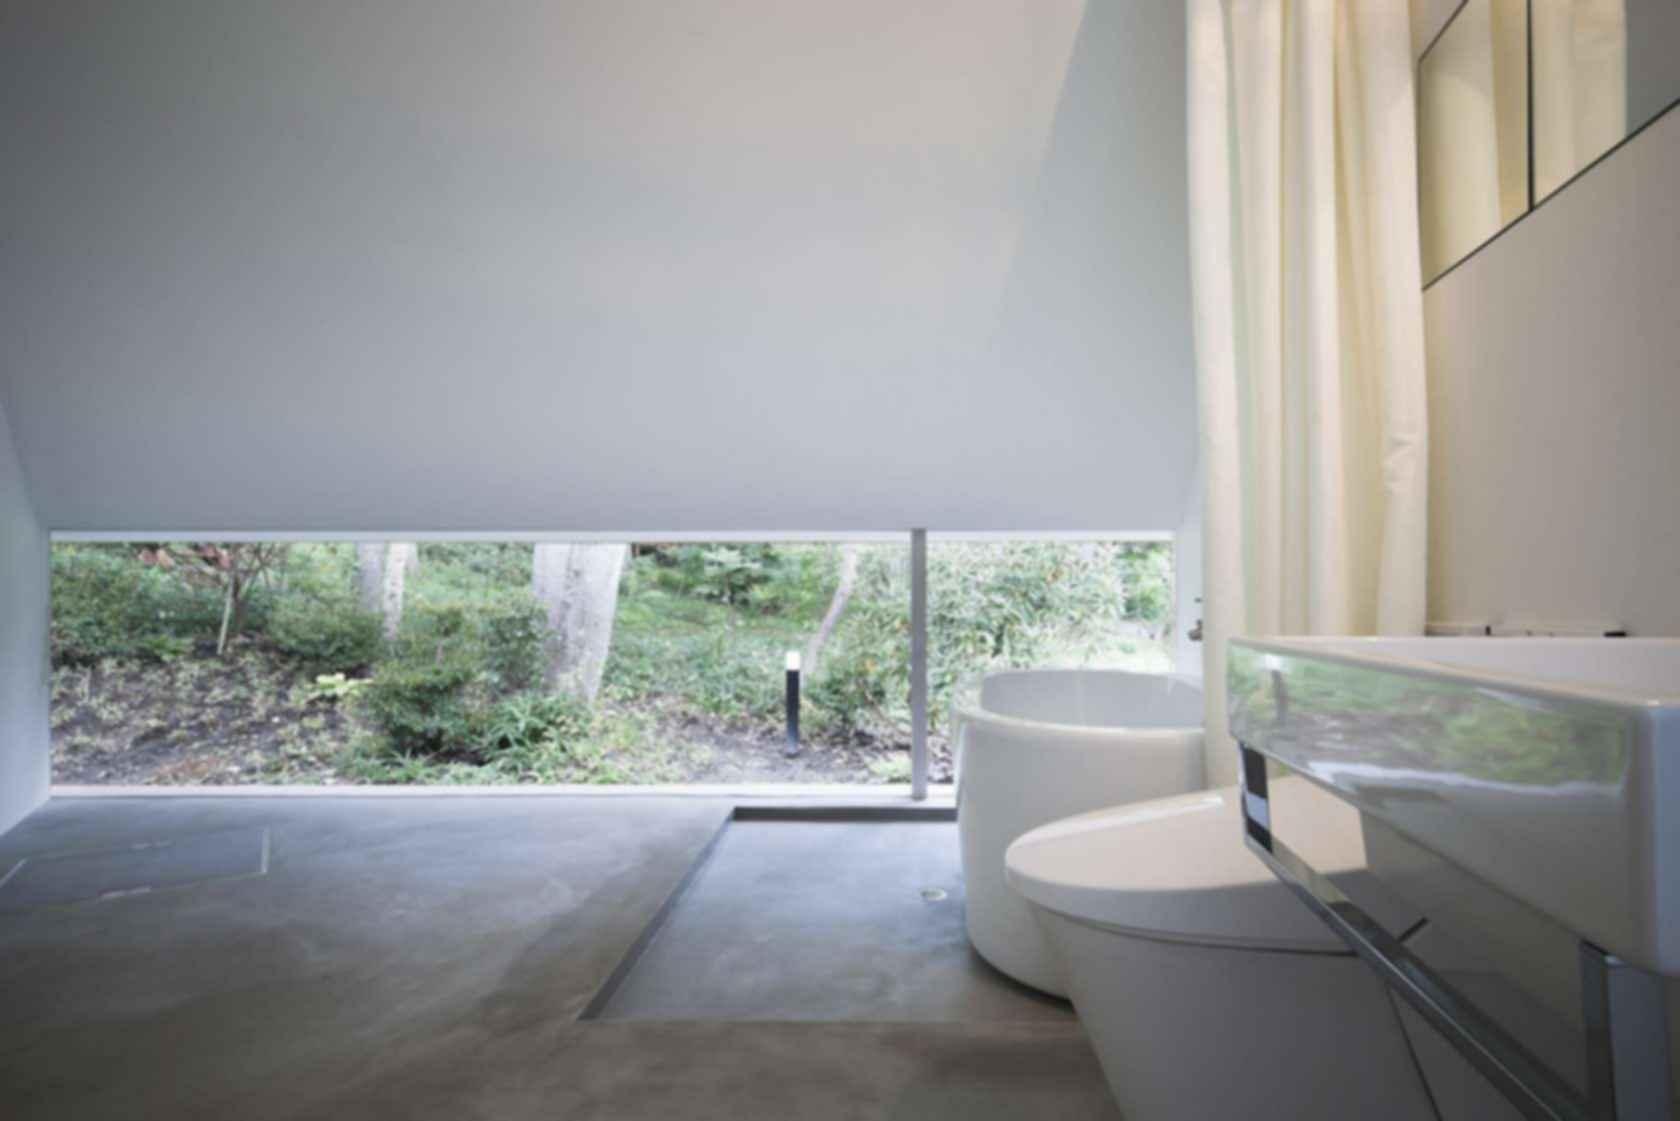 Forest Bath House - Interior/Bathroom